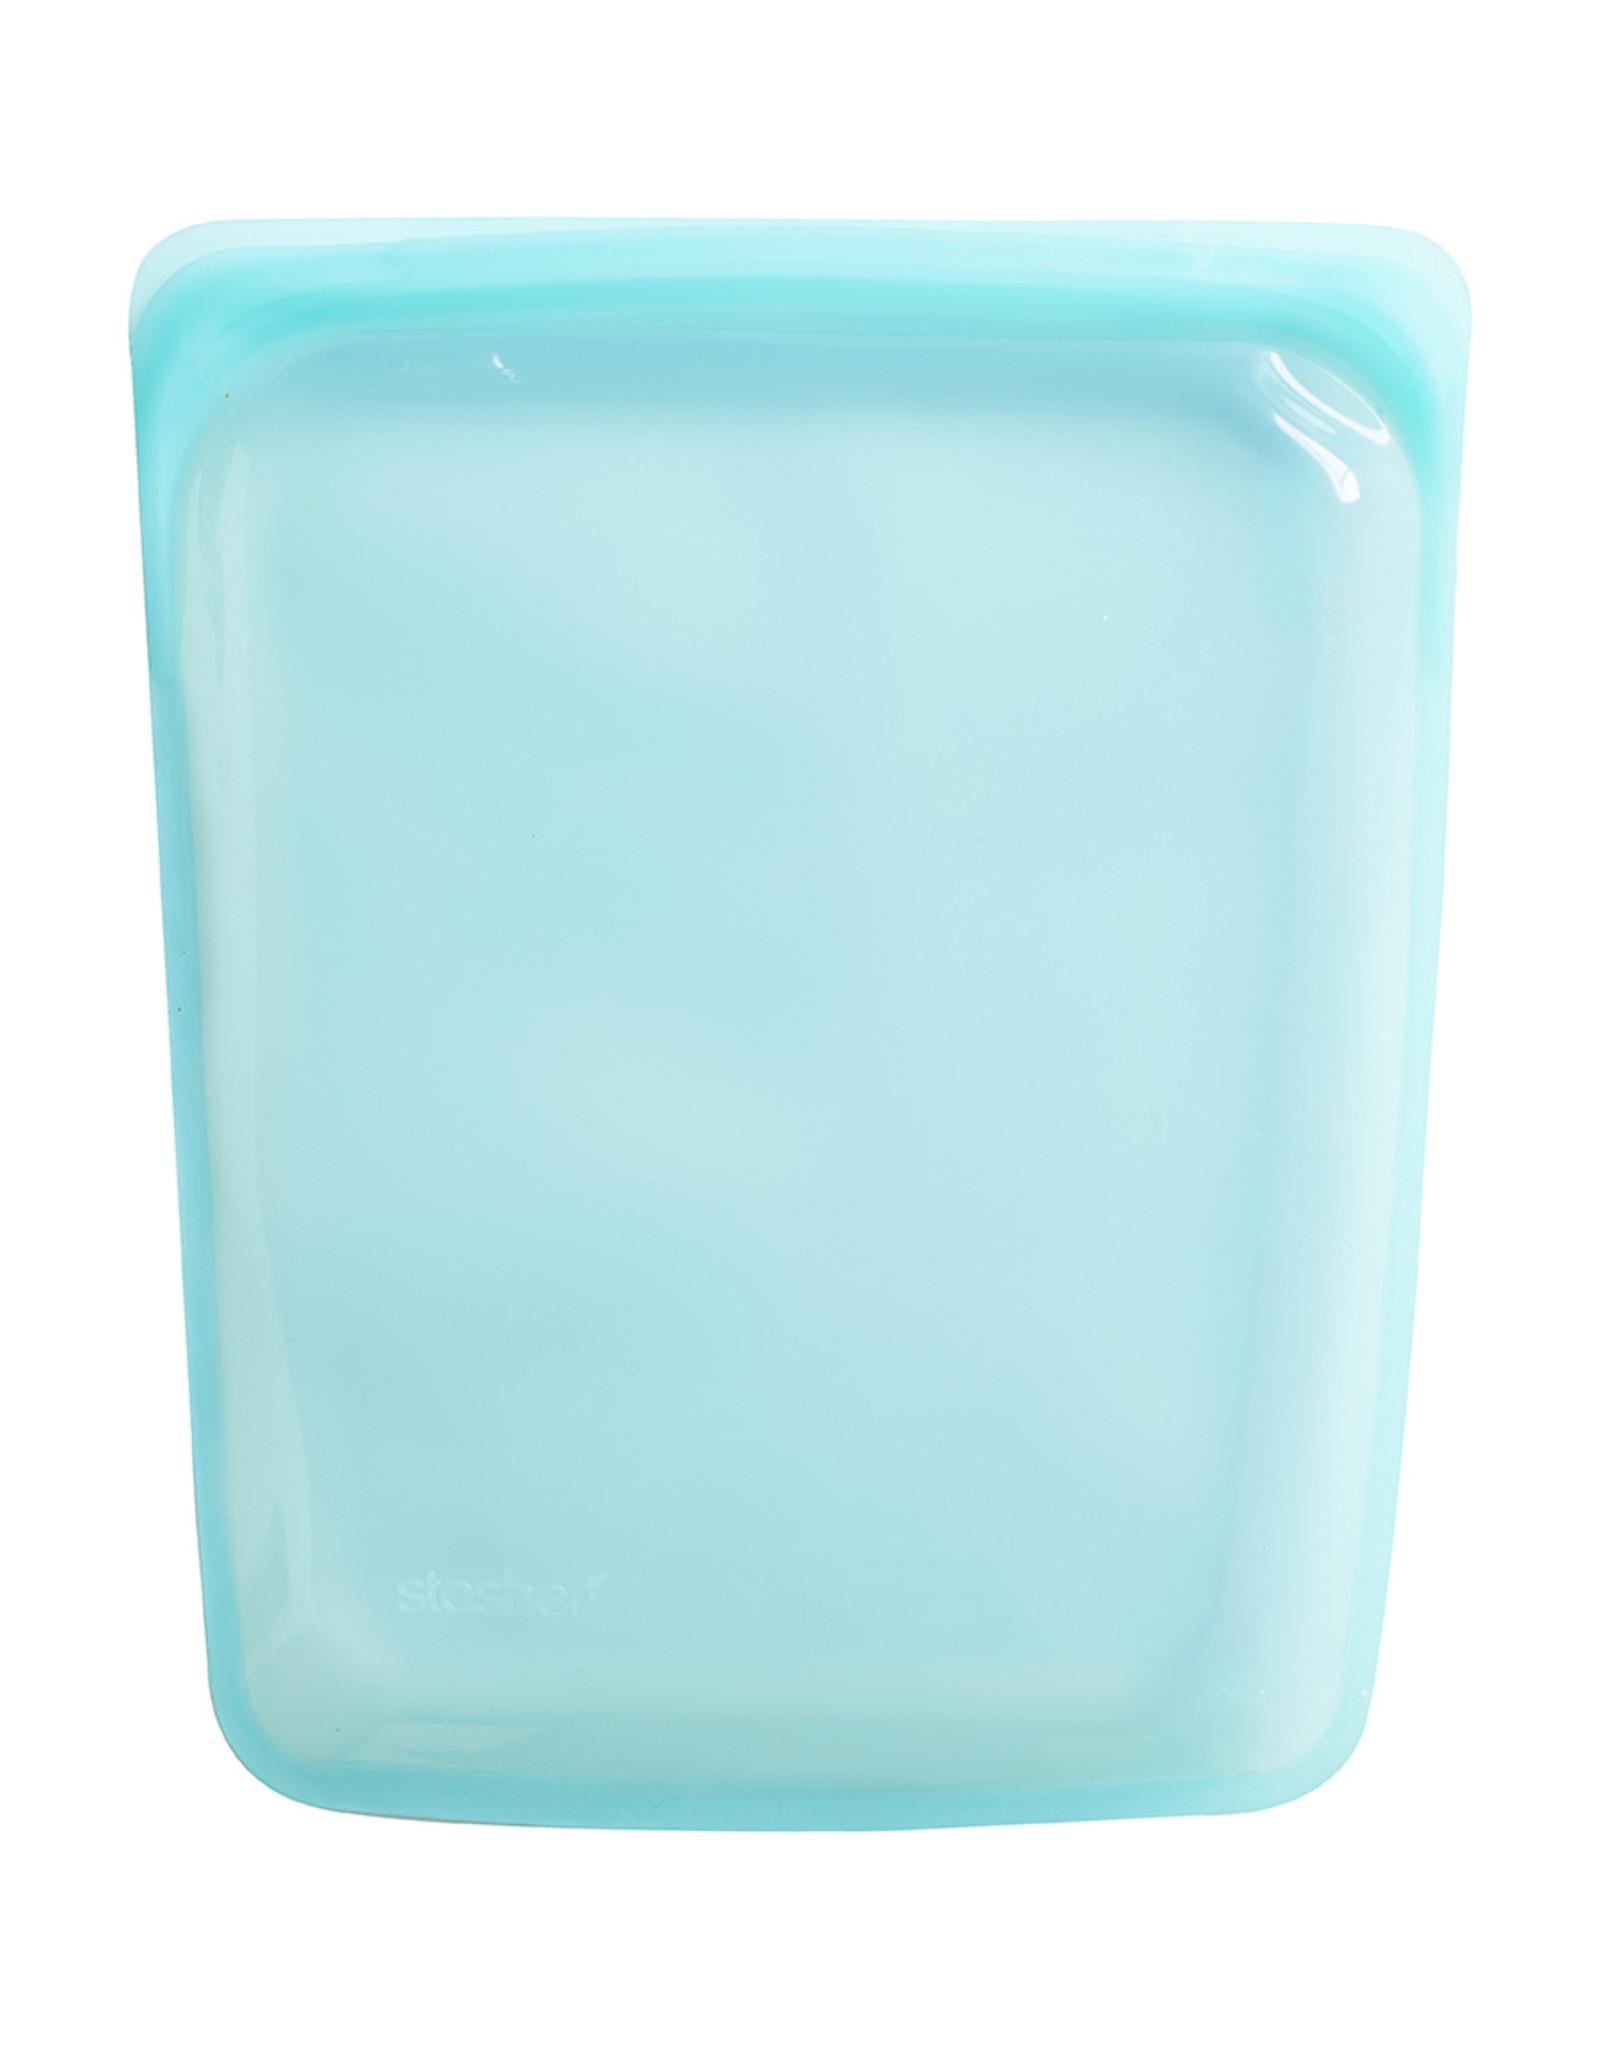 Stasher Bag Stasher bag Large - Aqua